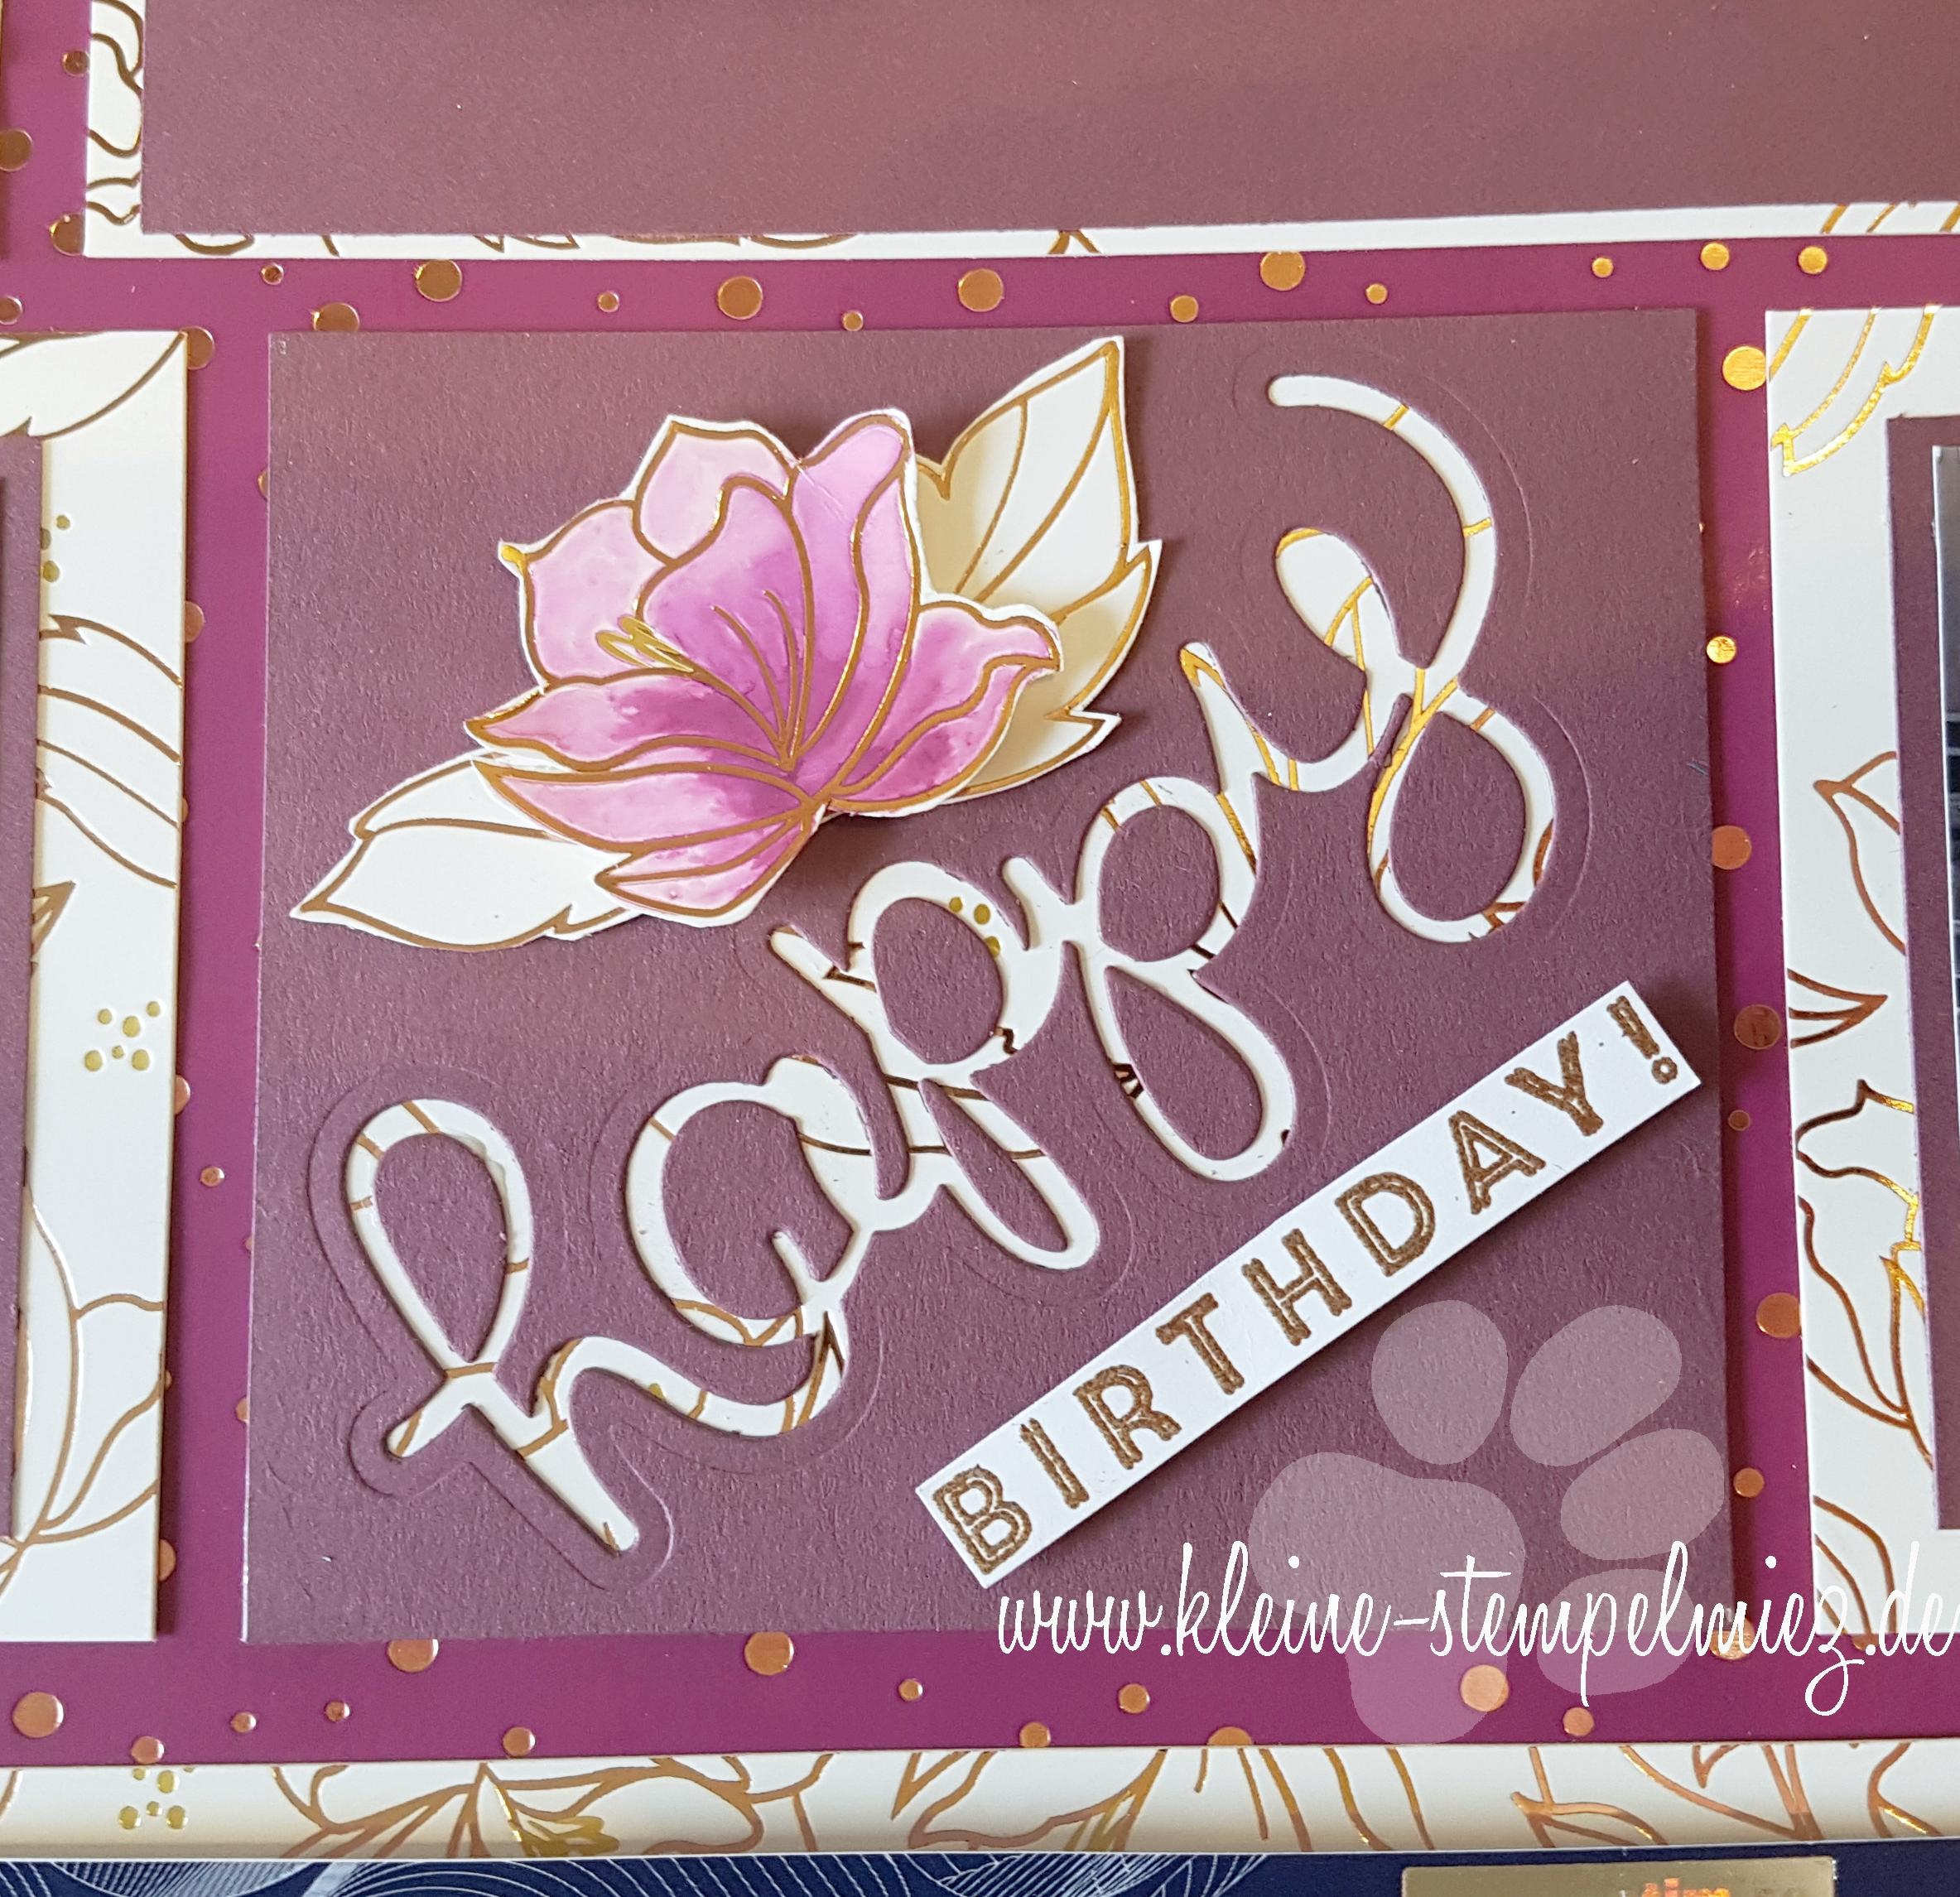 Ein besonderes Geburtstagsgeschenk – eine Konzertkarte im ...